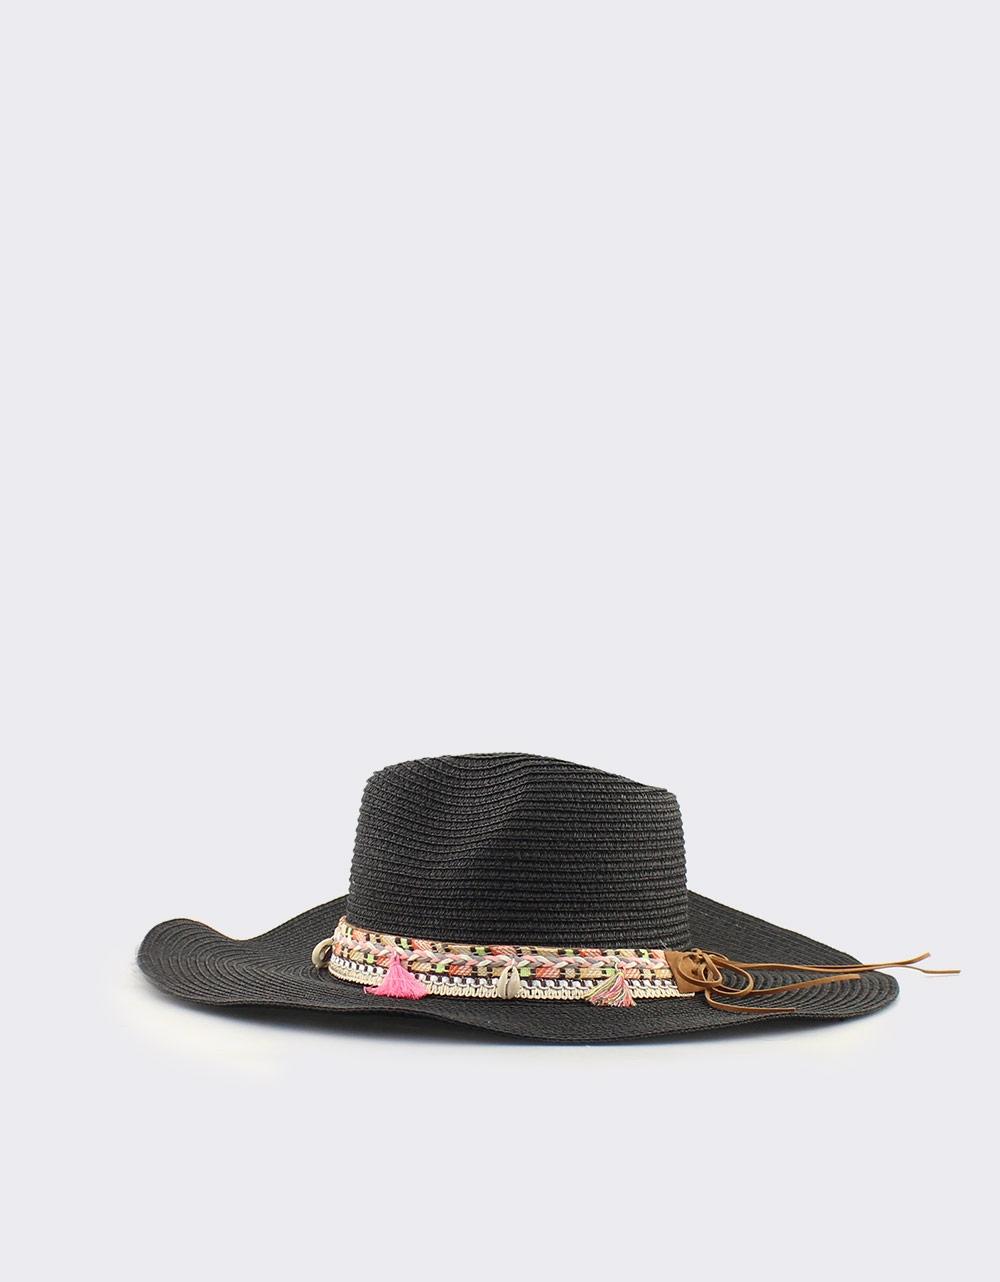 b5b3c3f6d6 Εικόνα από Γυναικεία καπέλα με διακοσμητική φάσα Μαύρο